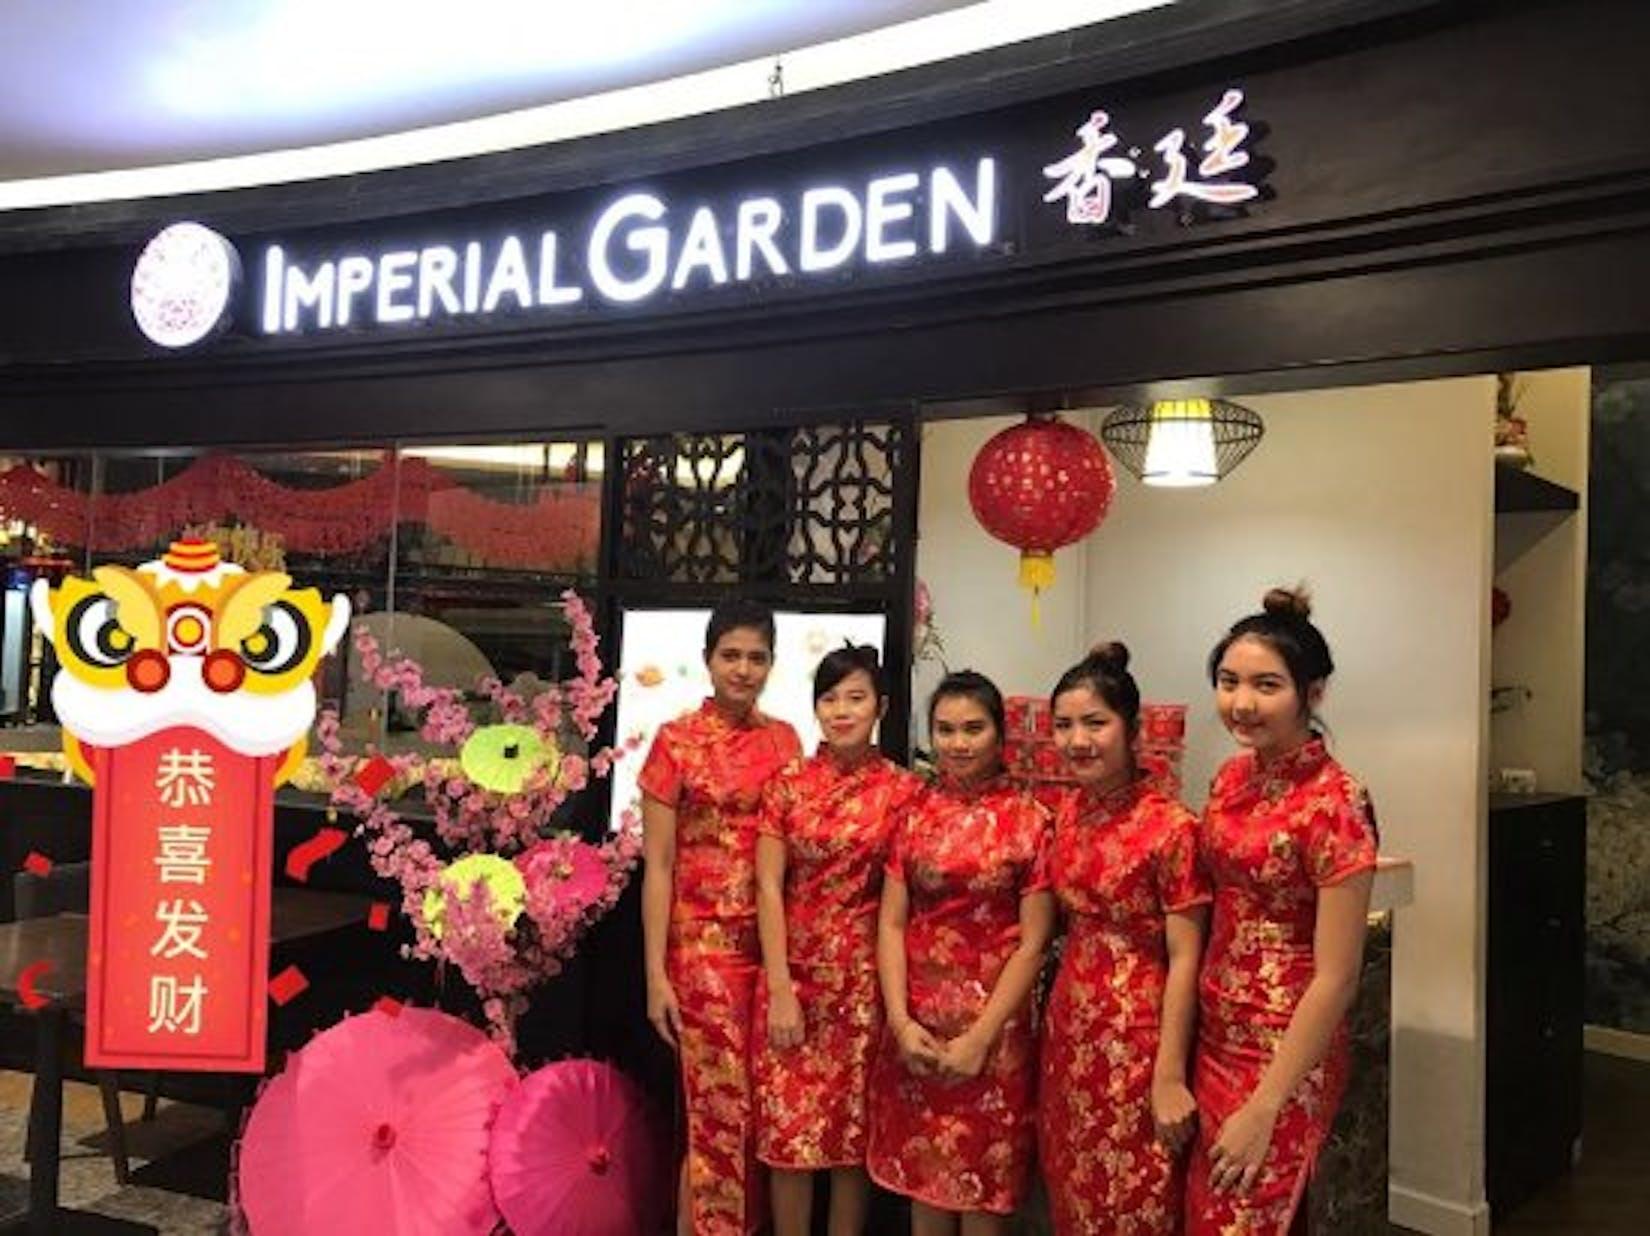 Imperial Garden Restaurant | yathar